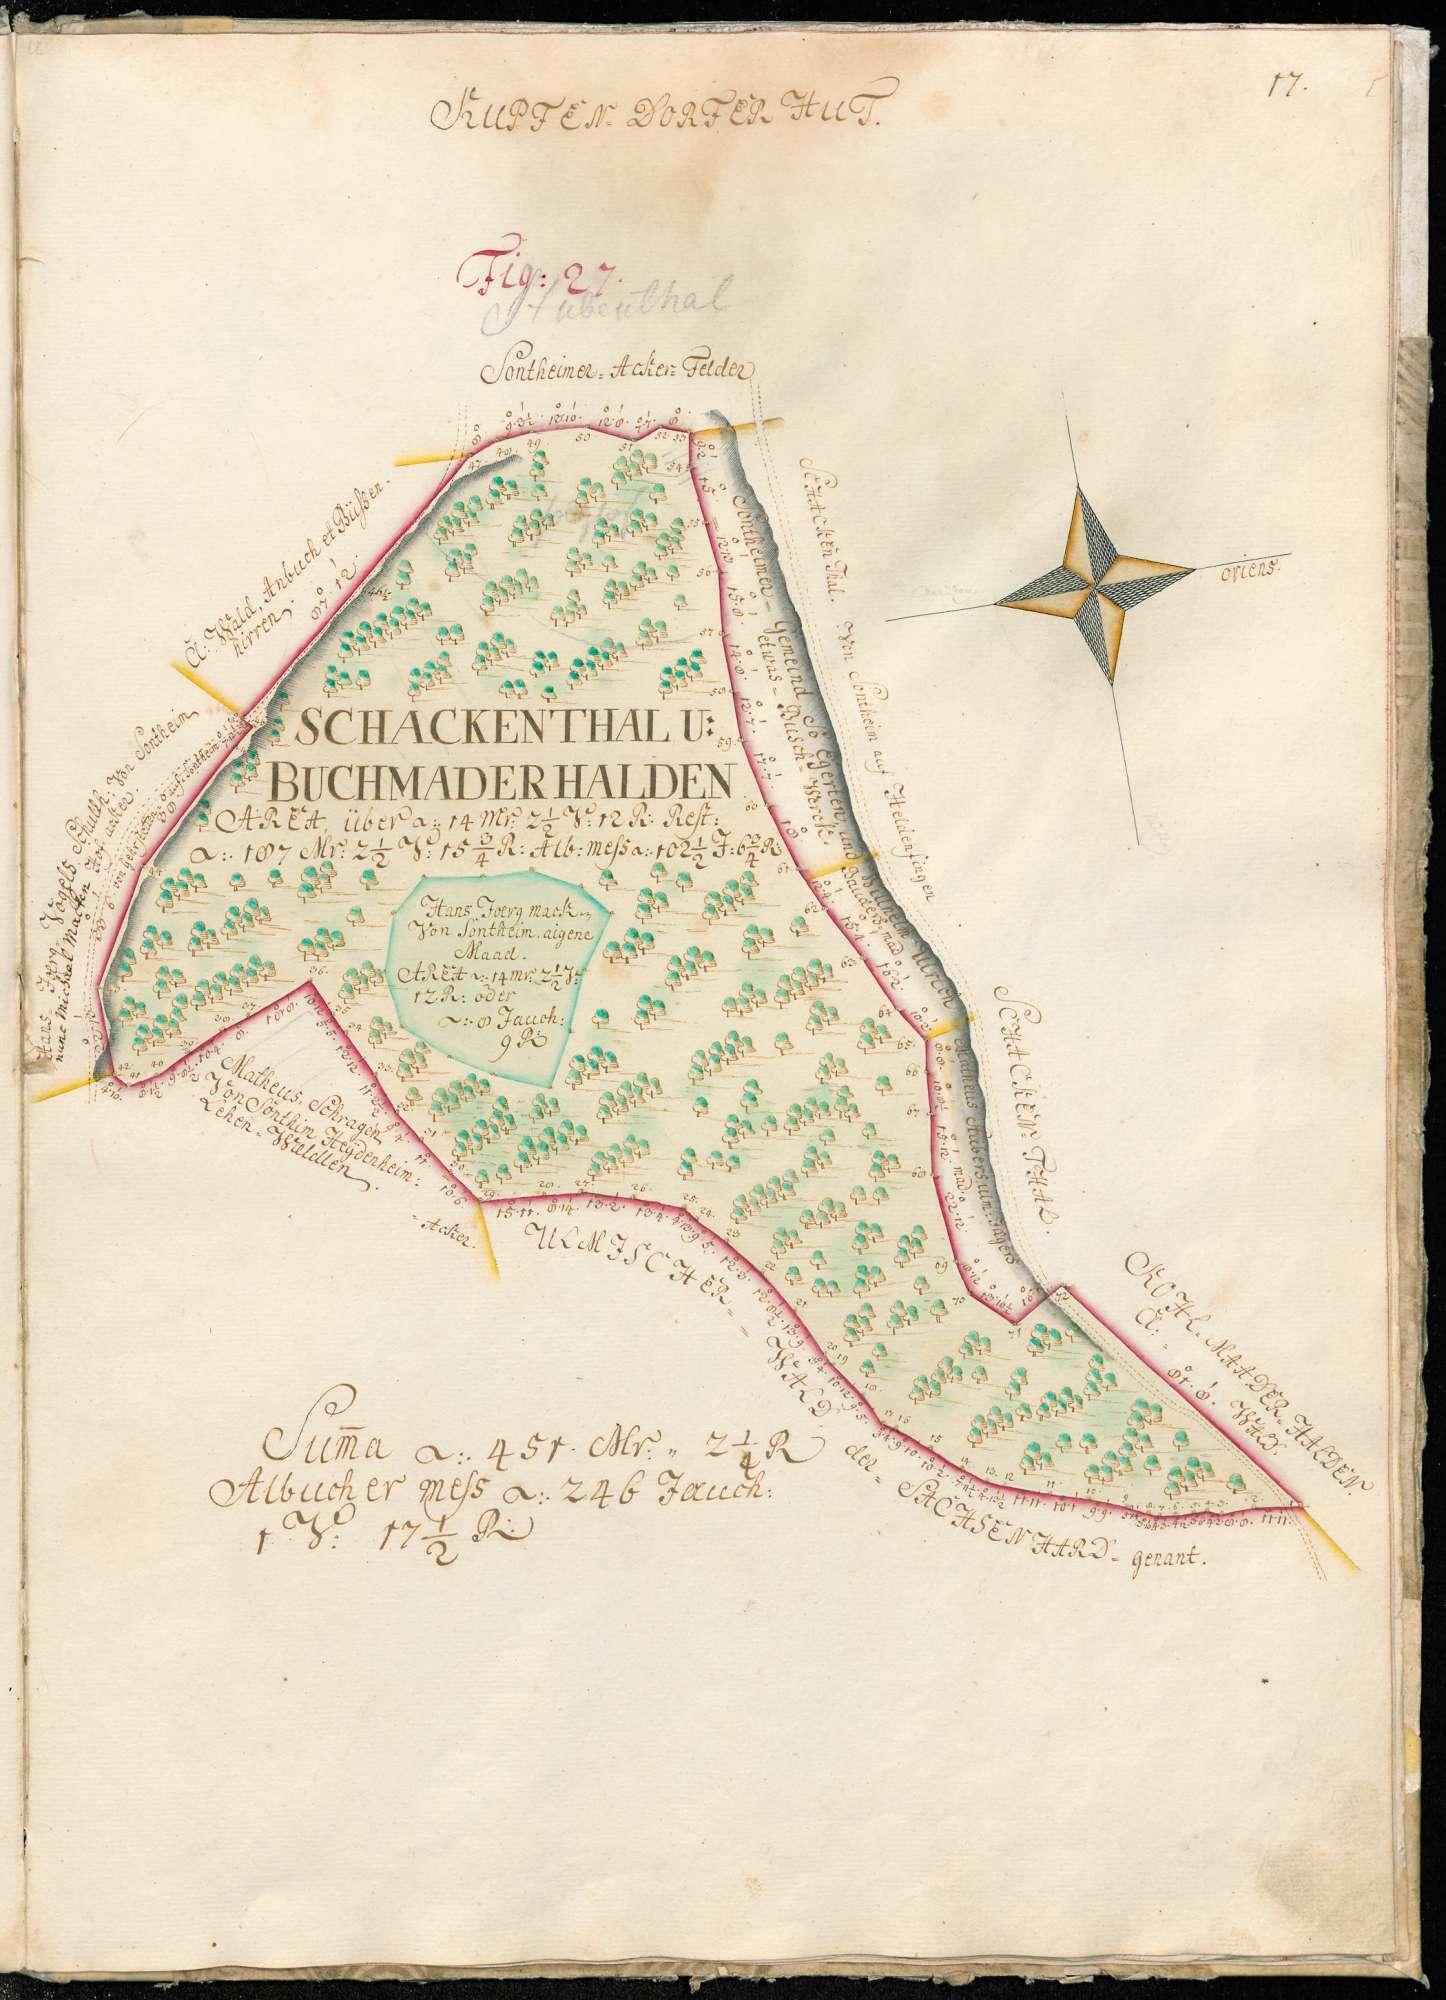 """[Küpfendorfer Hut] """"Figur 27 Schackenthal und Buchmaderhalden"""", Bild 1"""